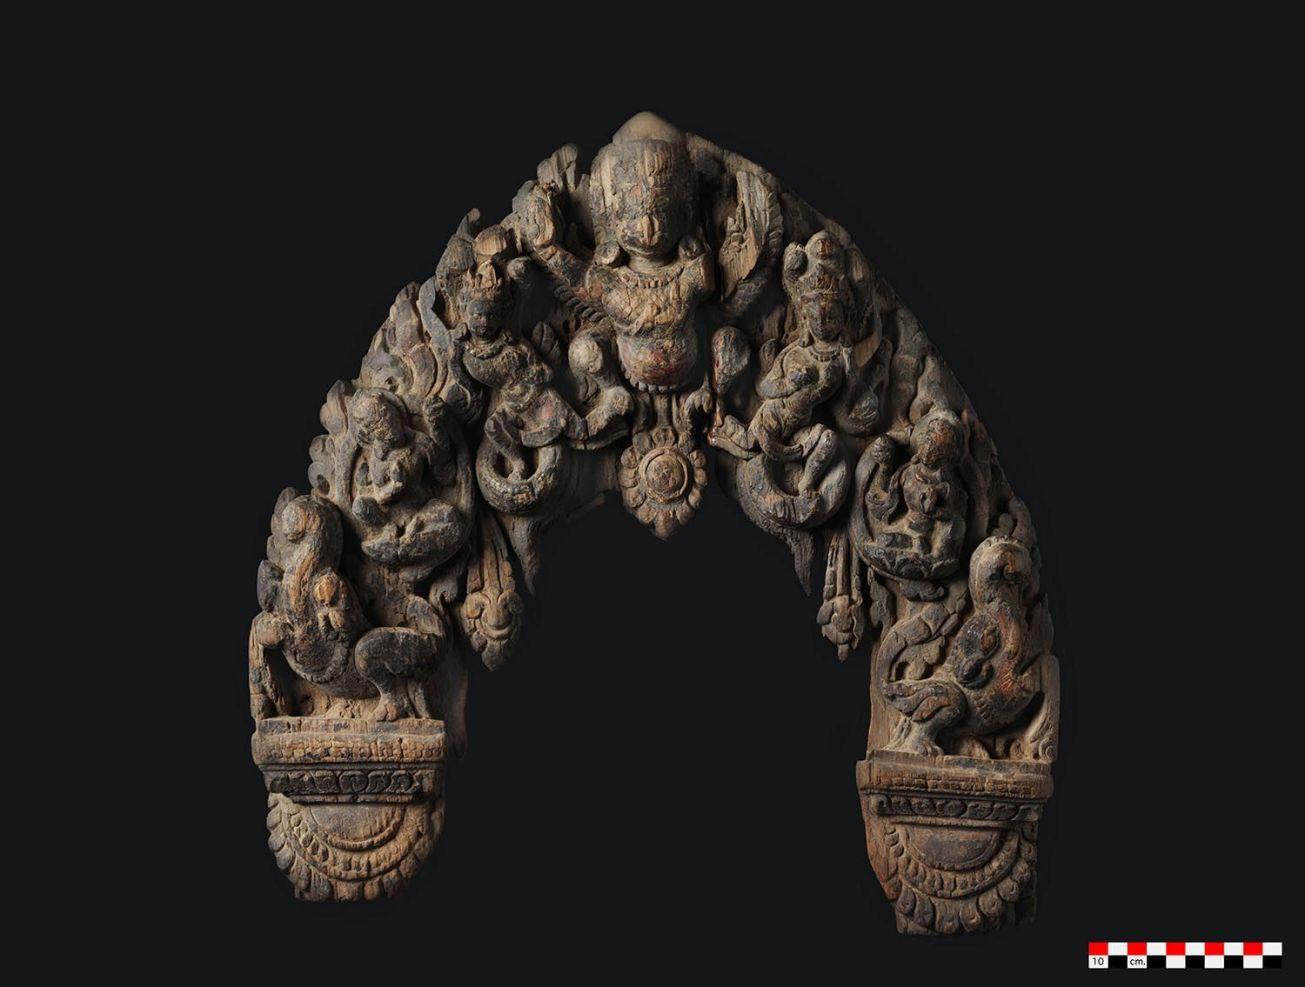 nepal, repatriation, religion, heritage, Werner Jacobsen, Moesgaard Museum, temple